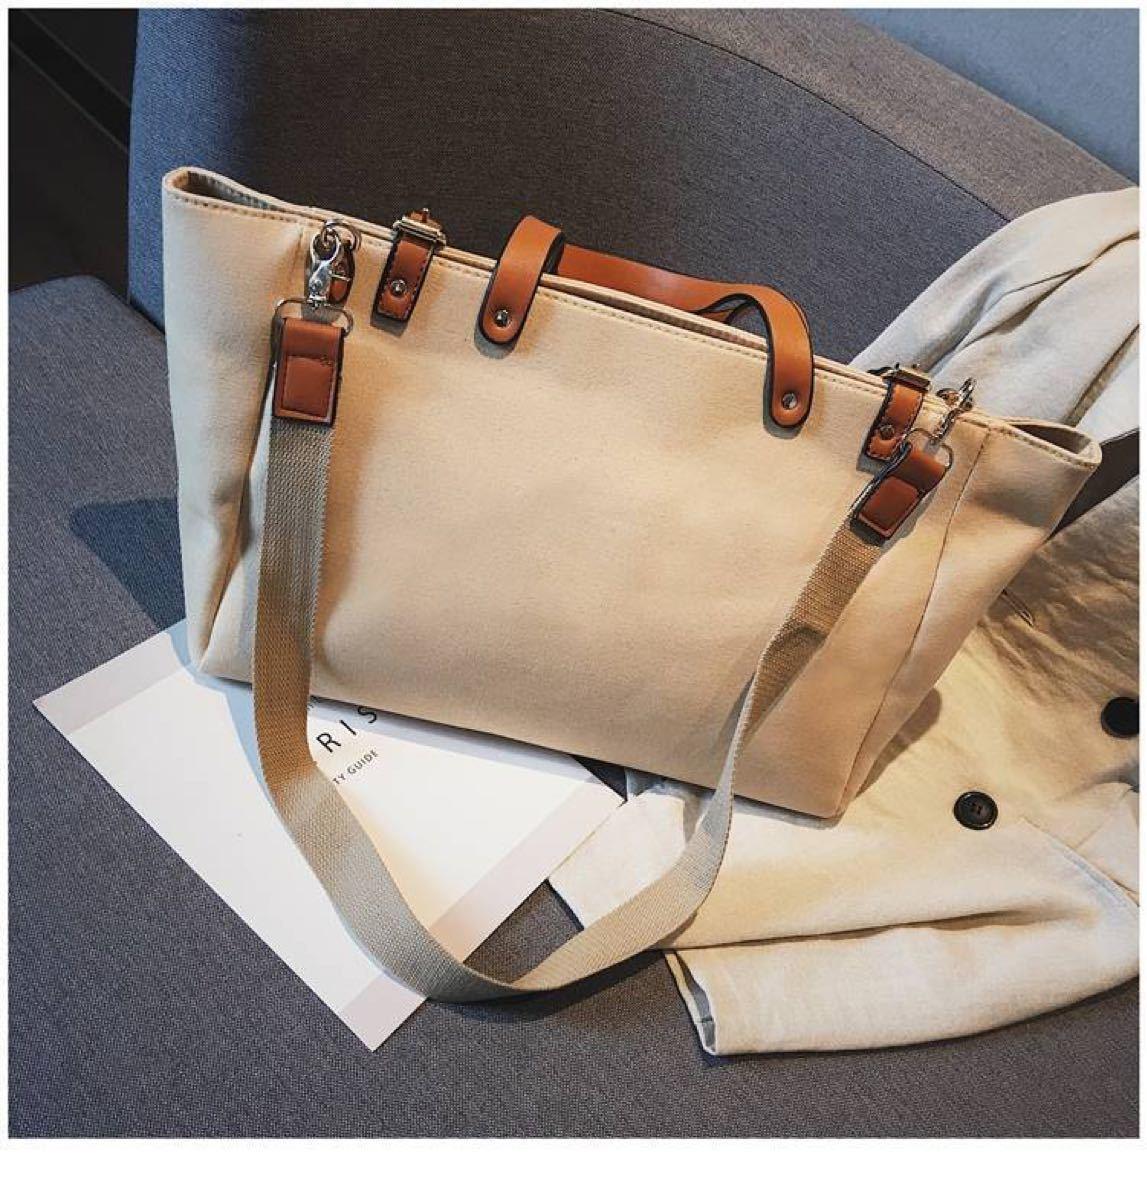 バッグ トートバッグ 2way ハンドバッグ 帆布 横長 ショルダーバッグ 人気 おしゃれ かわいい トートバッグ